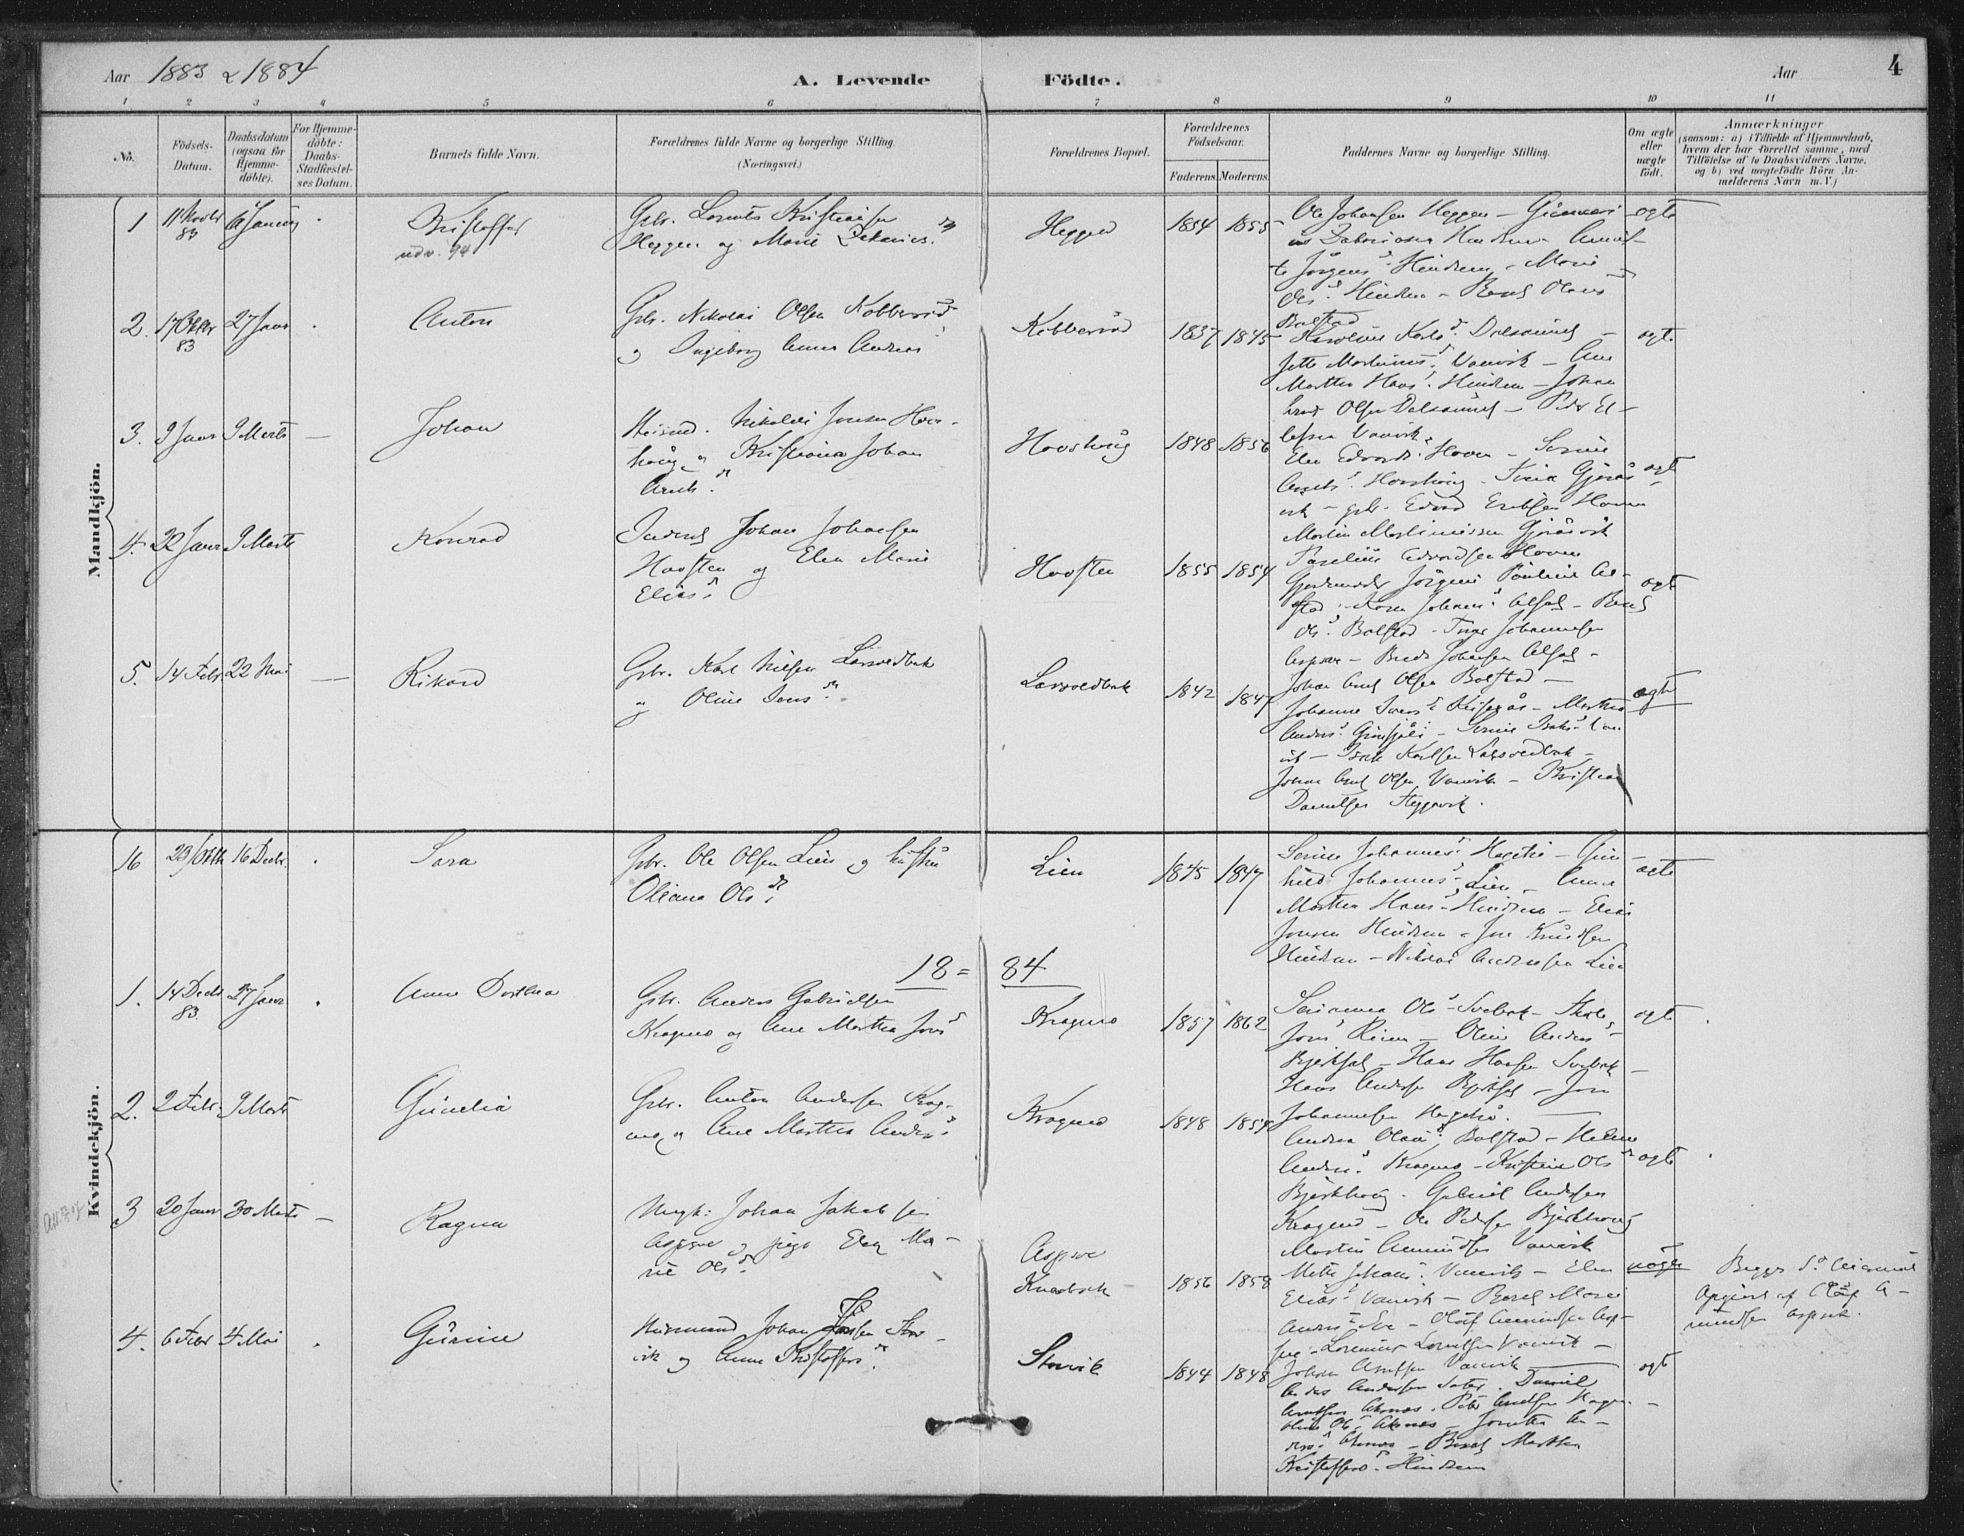 SAT, Ministerialprotokoller, klokkerbøker og fødselsregistre - Nord-Trøndelag, 702/L0023: Ministerialbok nr. 702A01, 1883-1897, s. 4